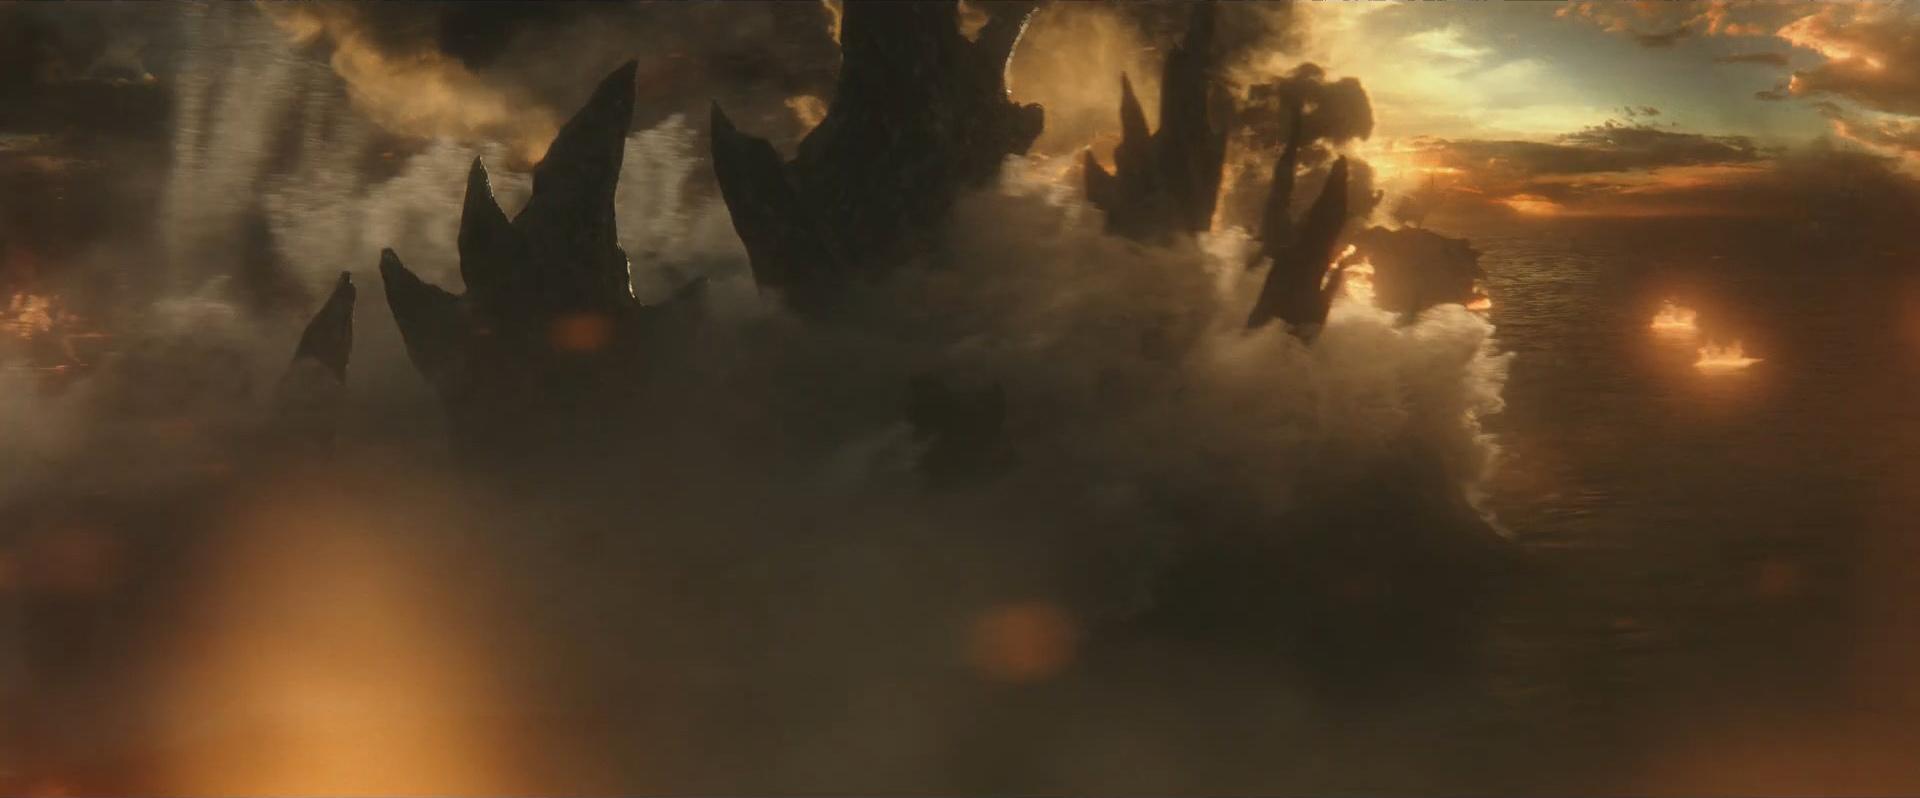 Godzilla vs Kong Trailer Still 49